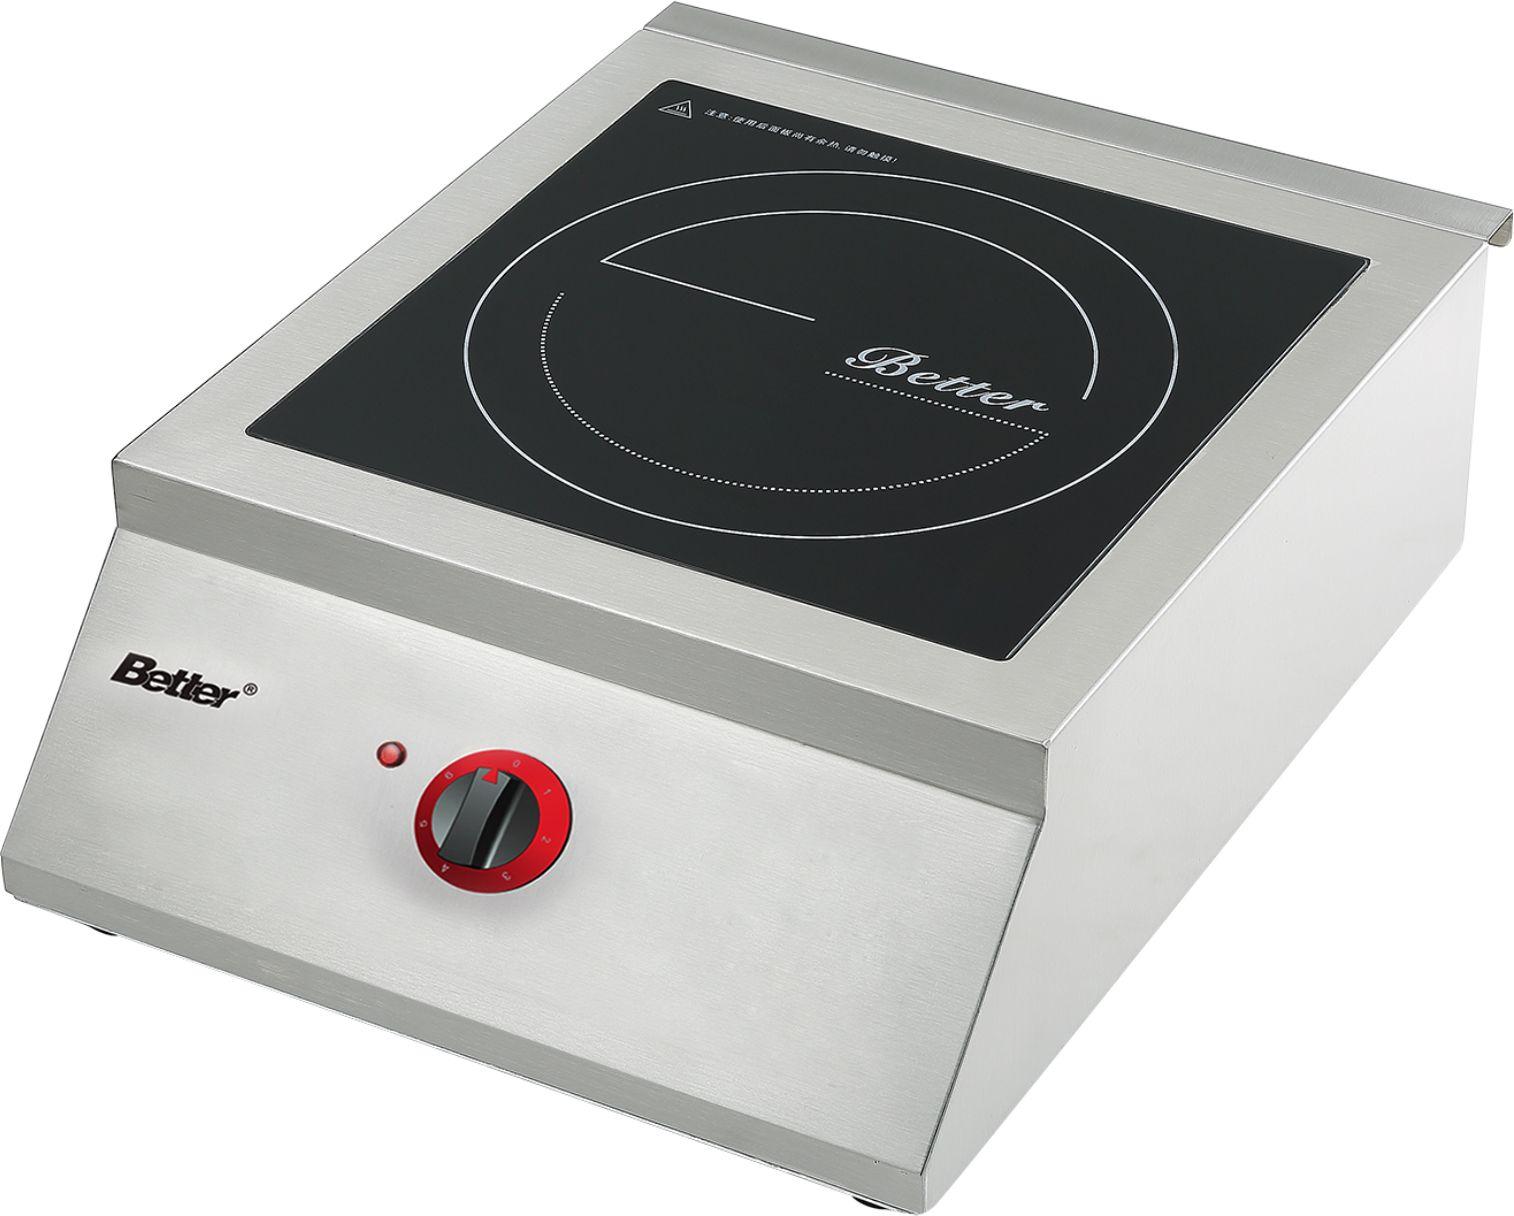 大功率商用不锈钢电磁炉BT-500E